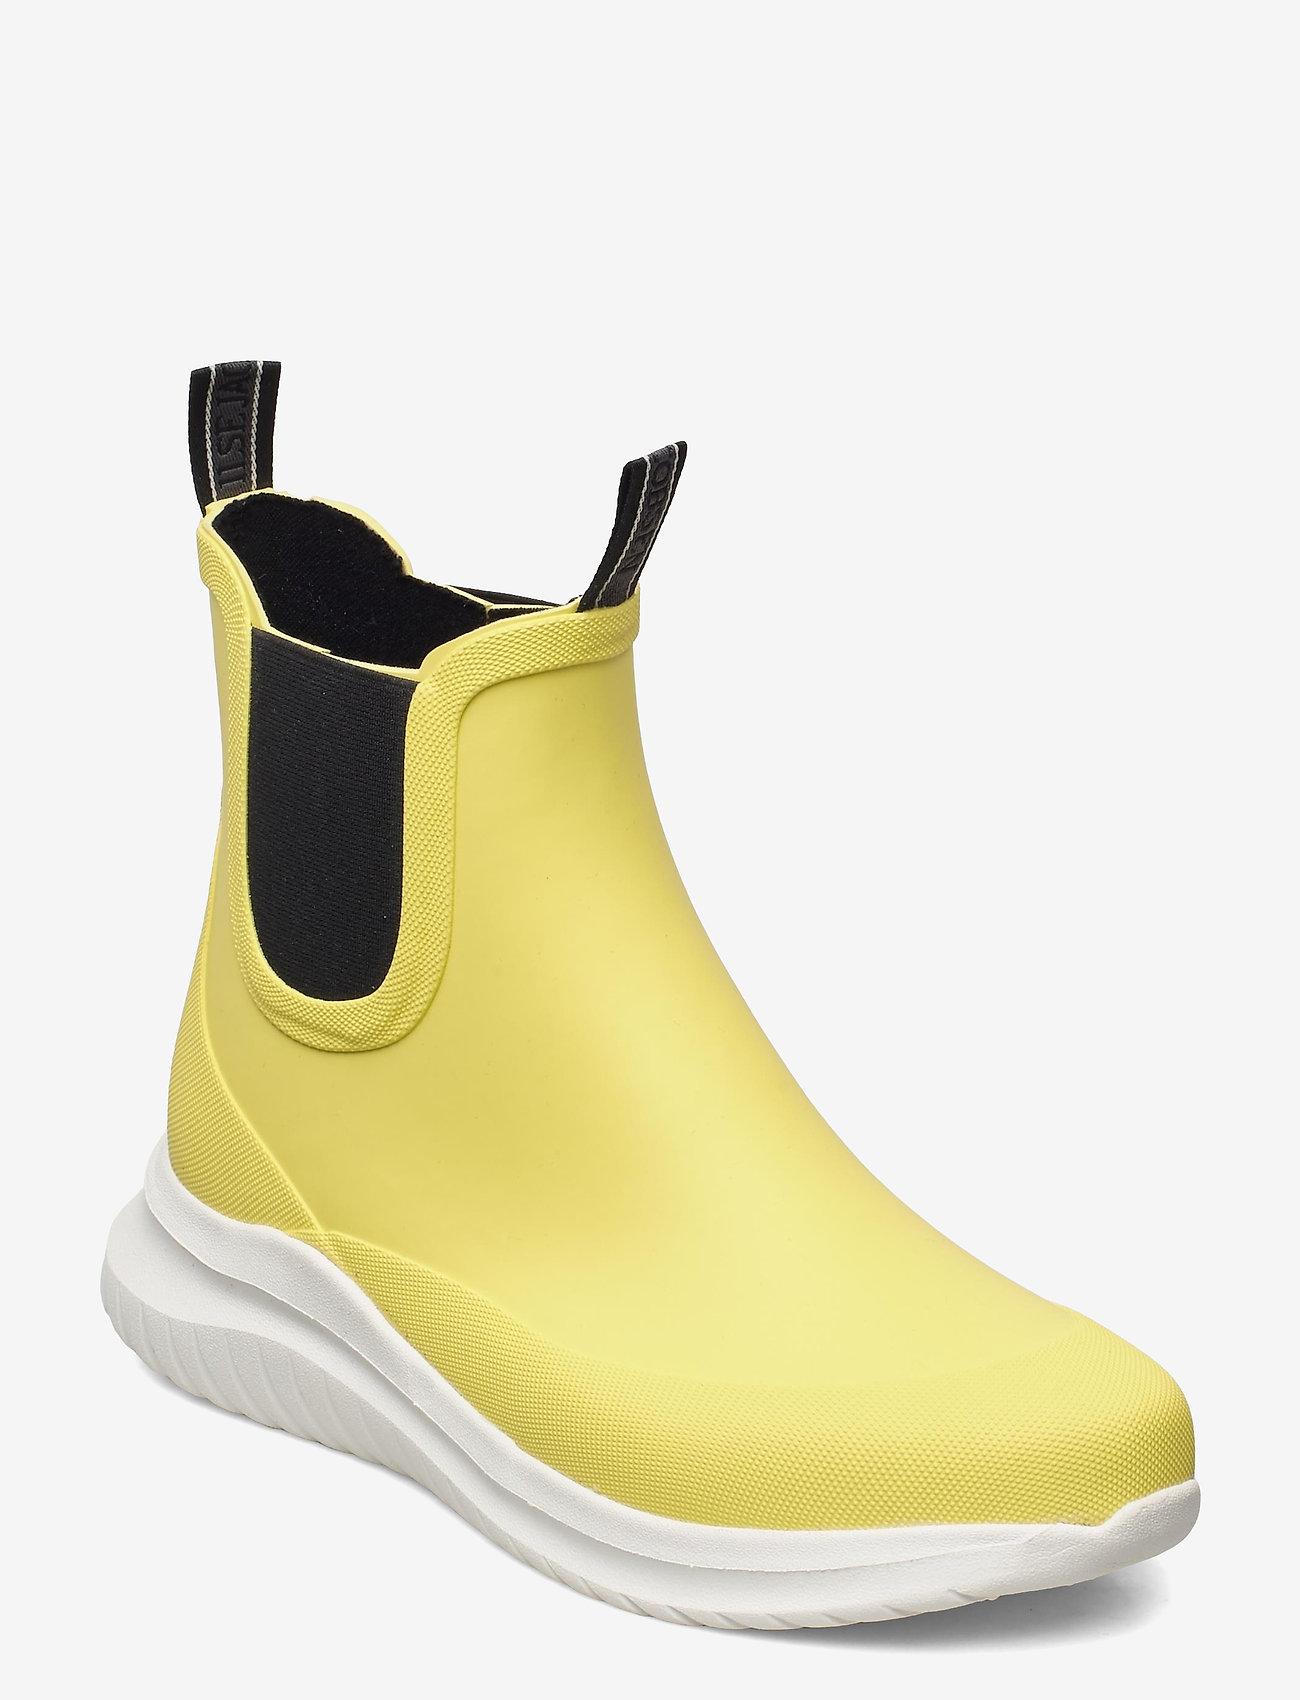 Ilse Jacobsen - Short rubber boots - bottes de pluie - sunbeam - 0